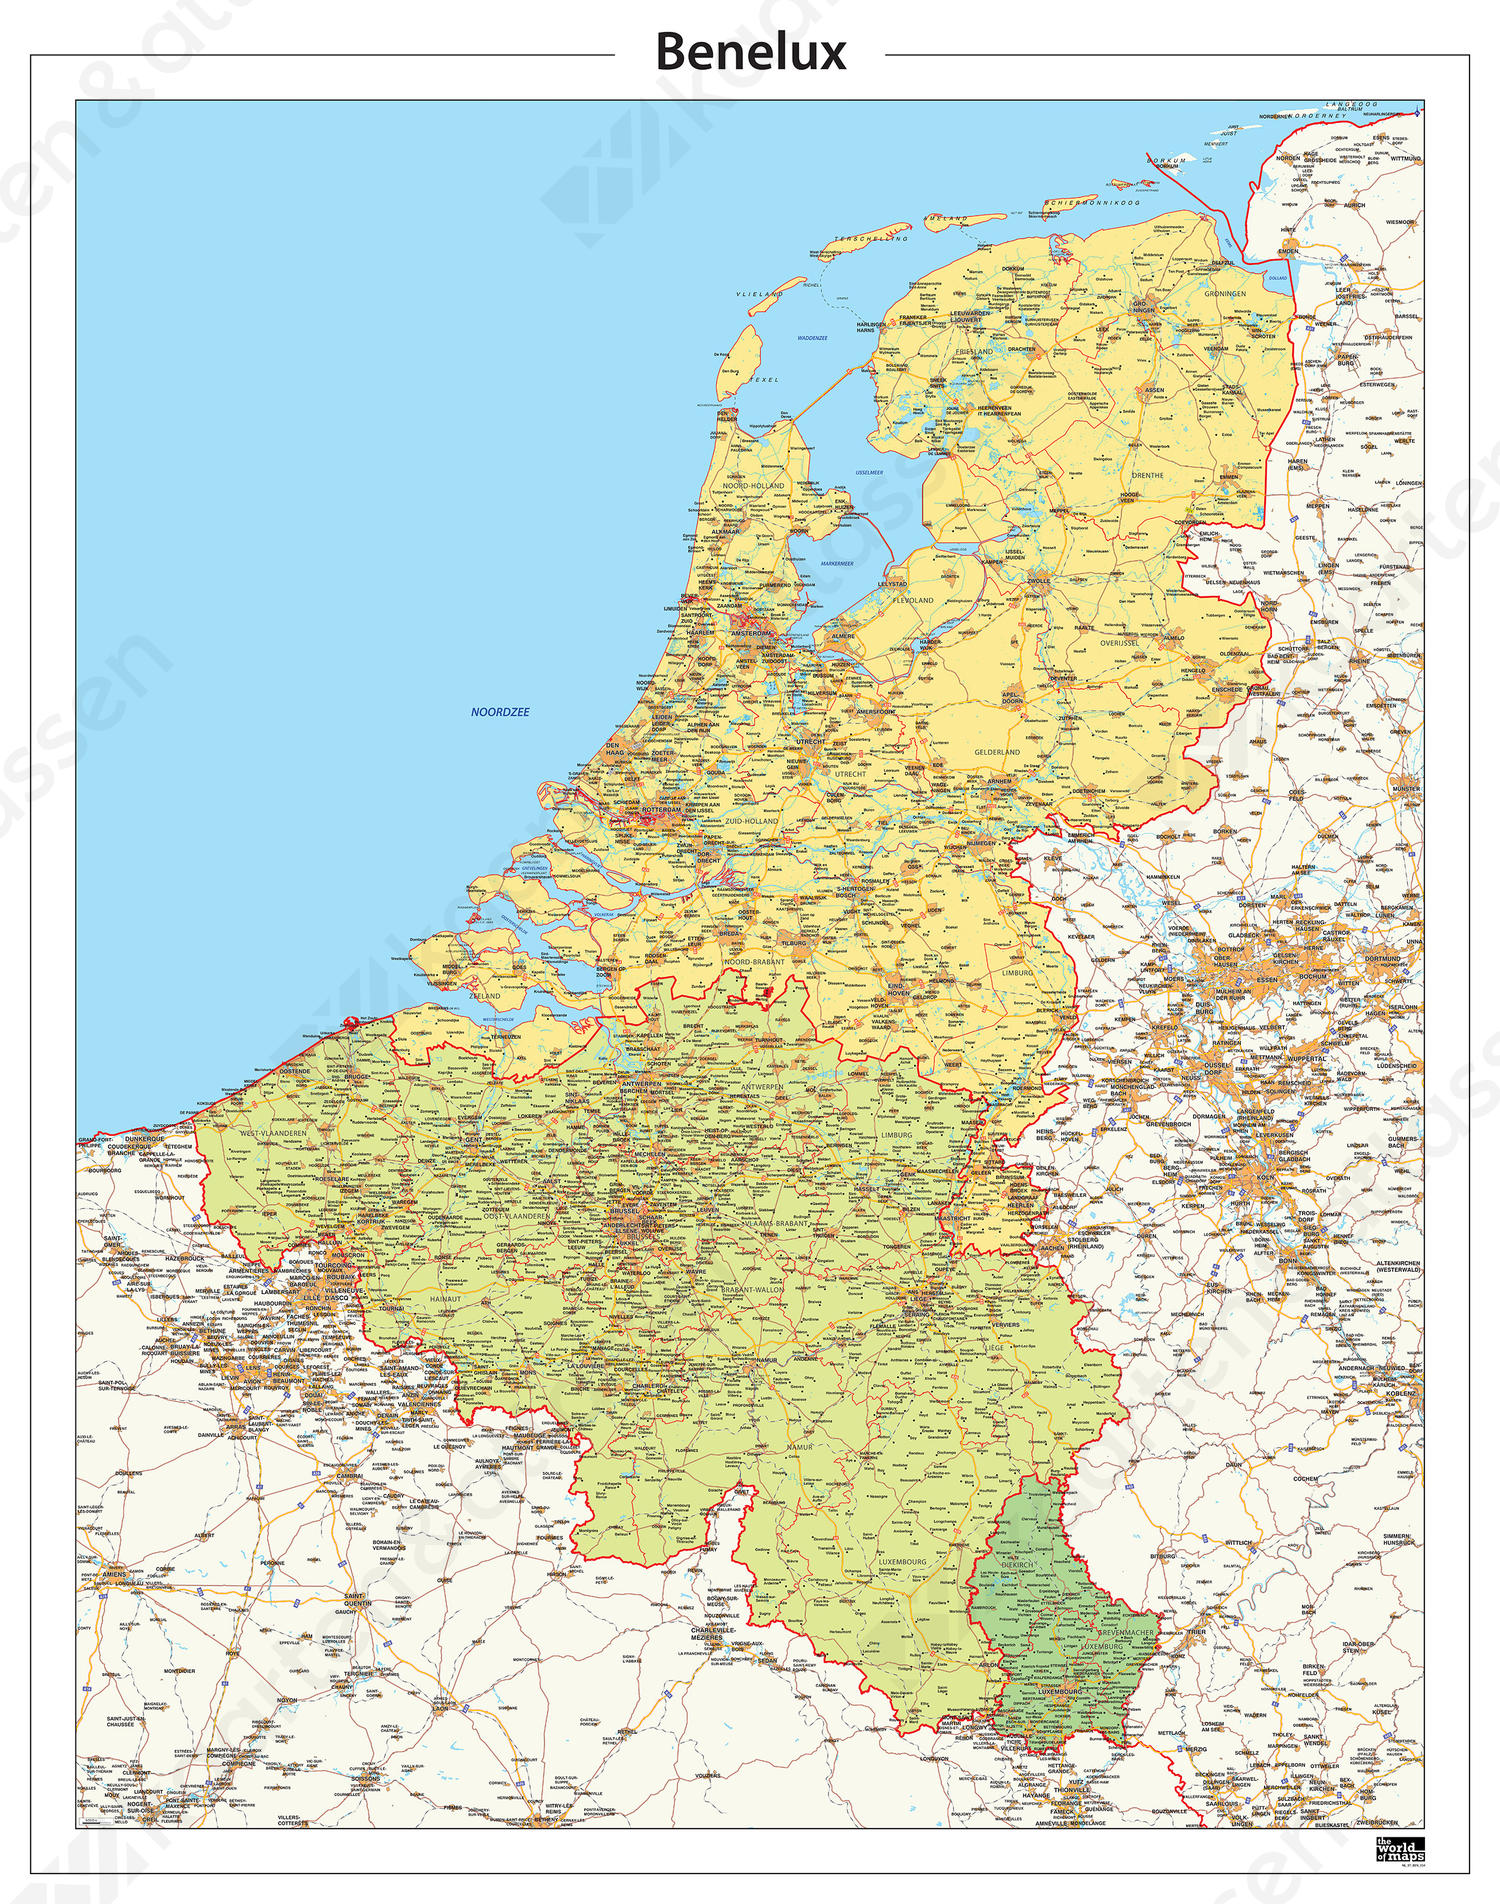 Digitale Beneluxkaart Gedetailleerd